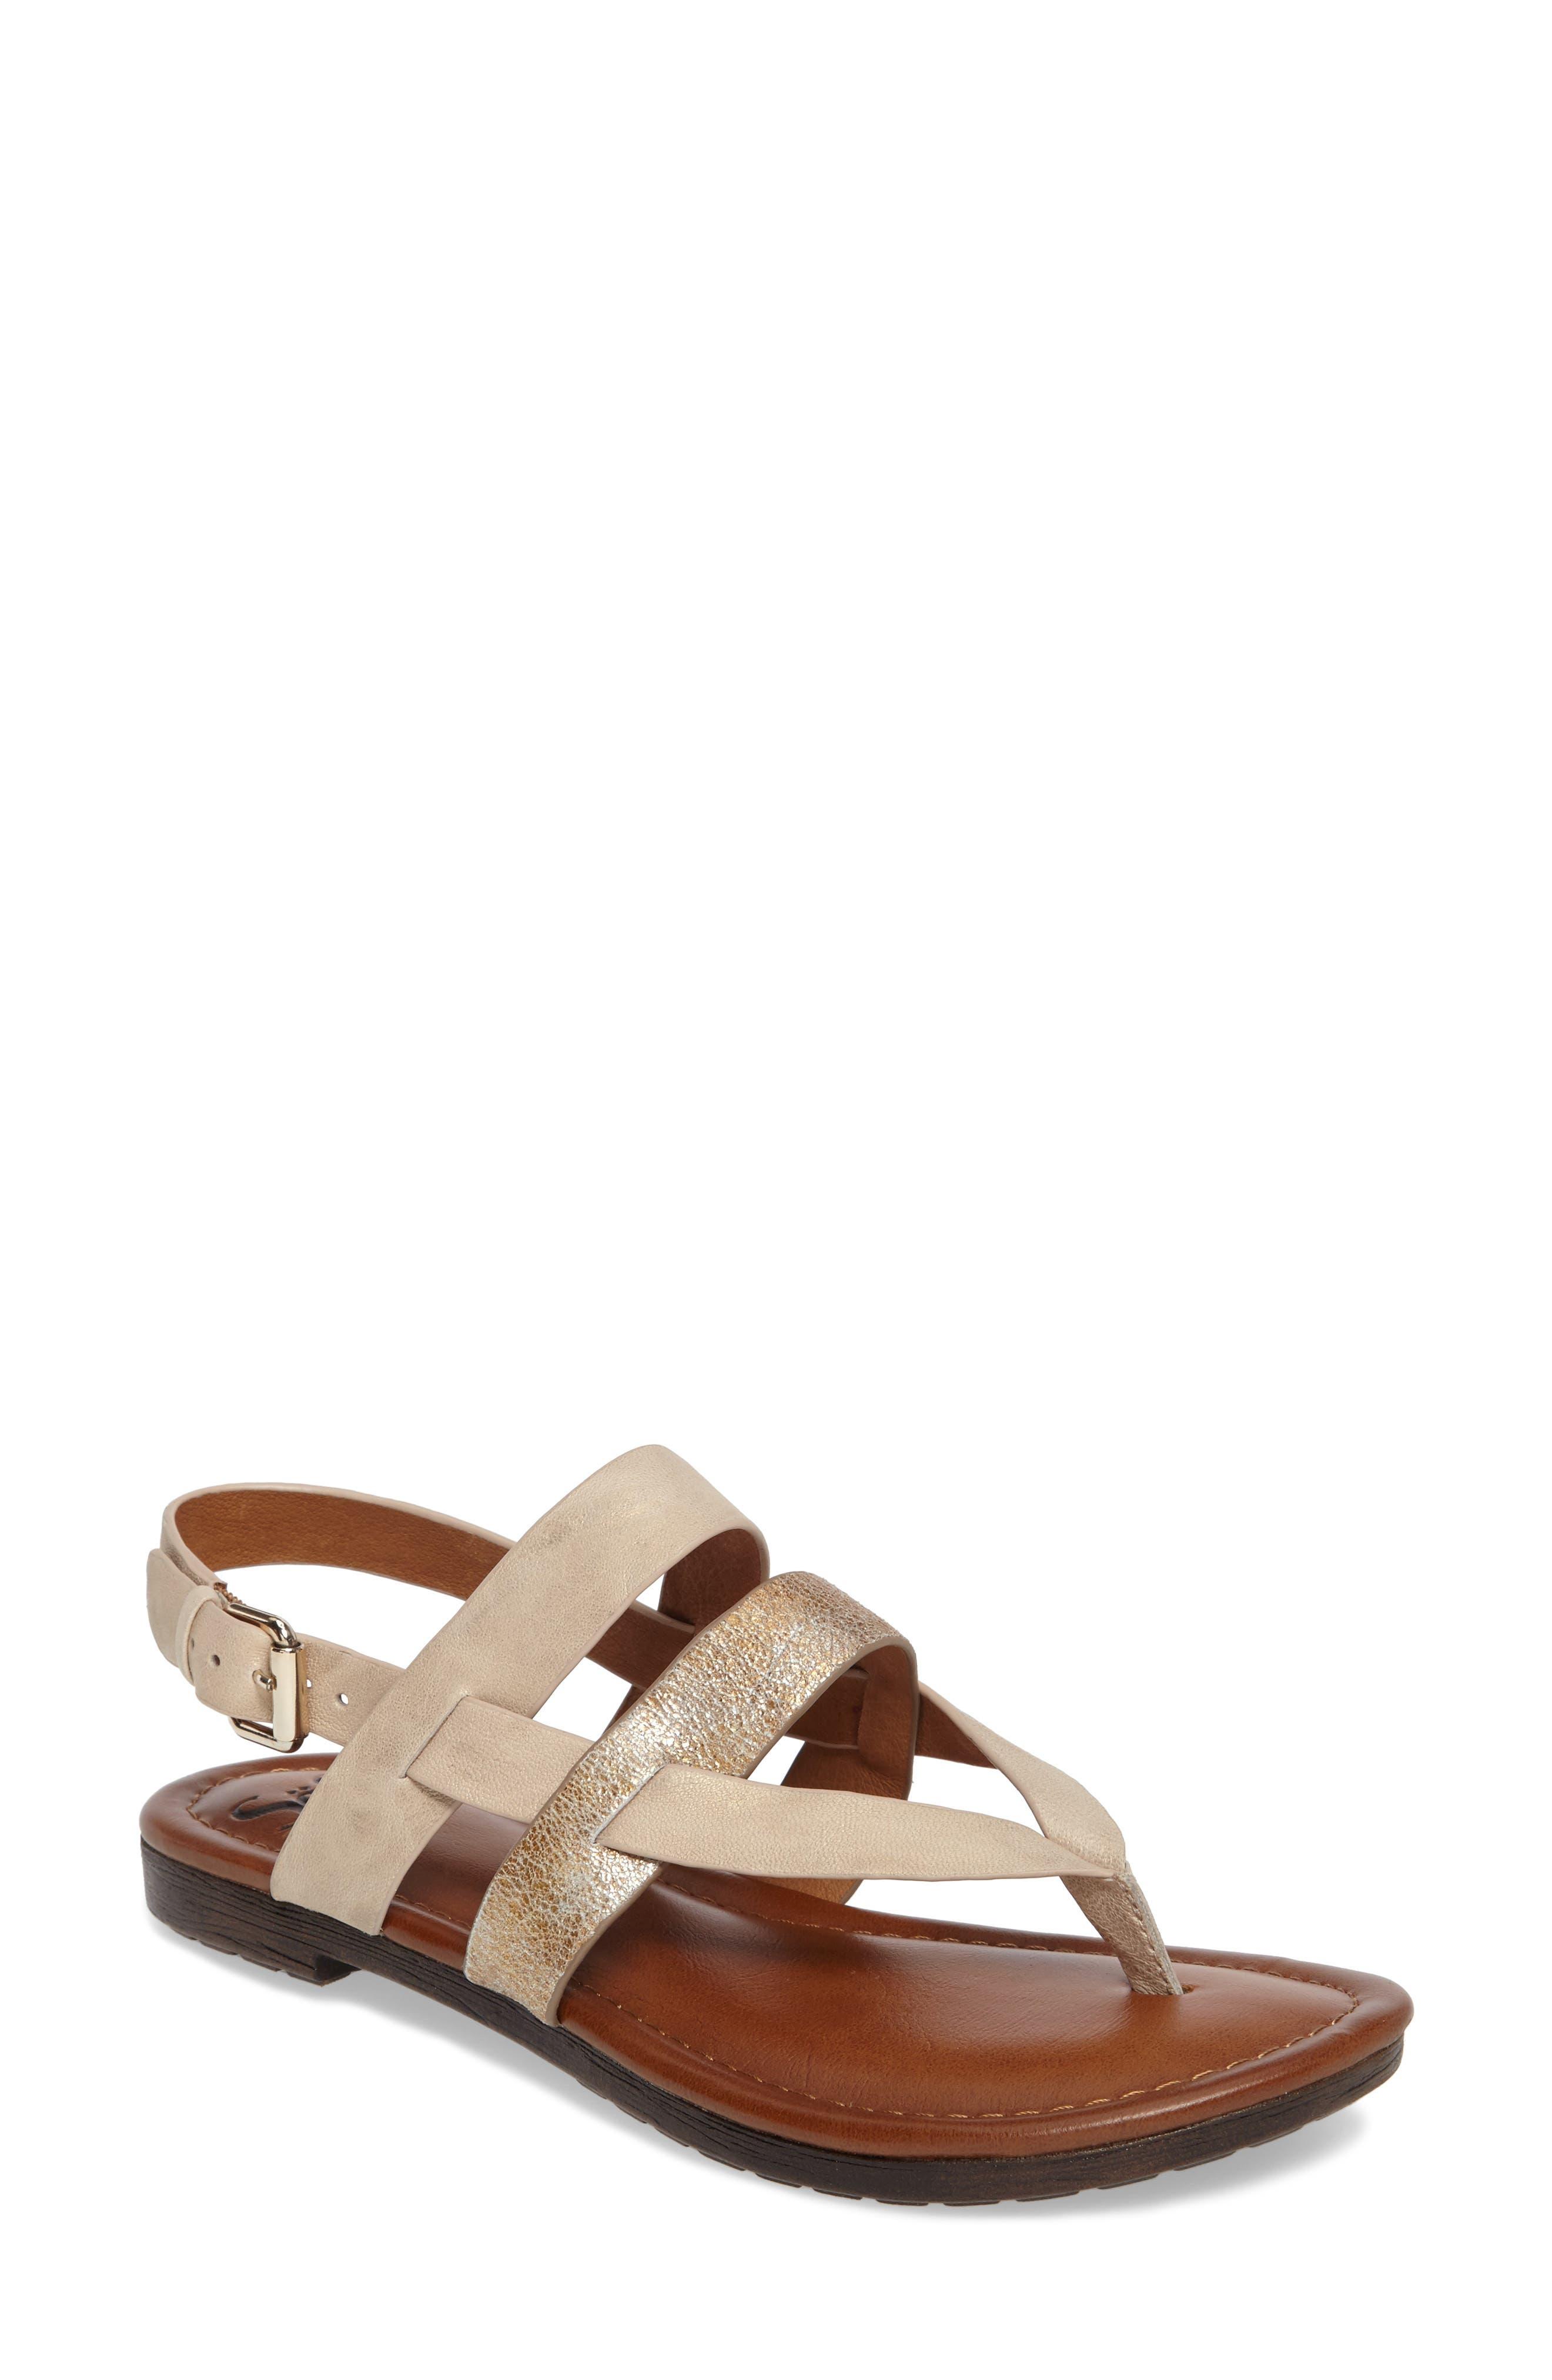 Söfft Bena Strappy Sandal (Women)